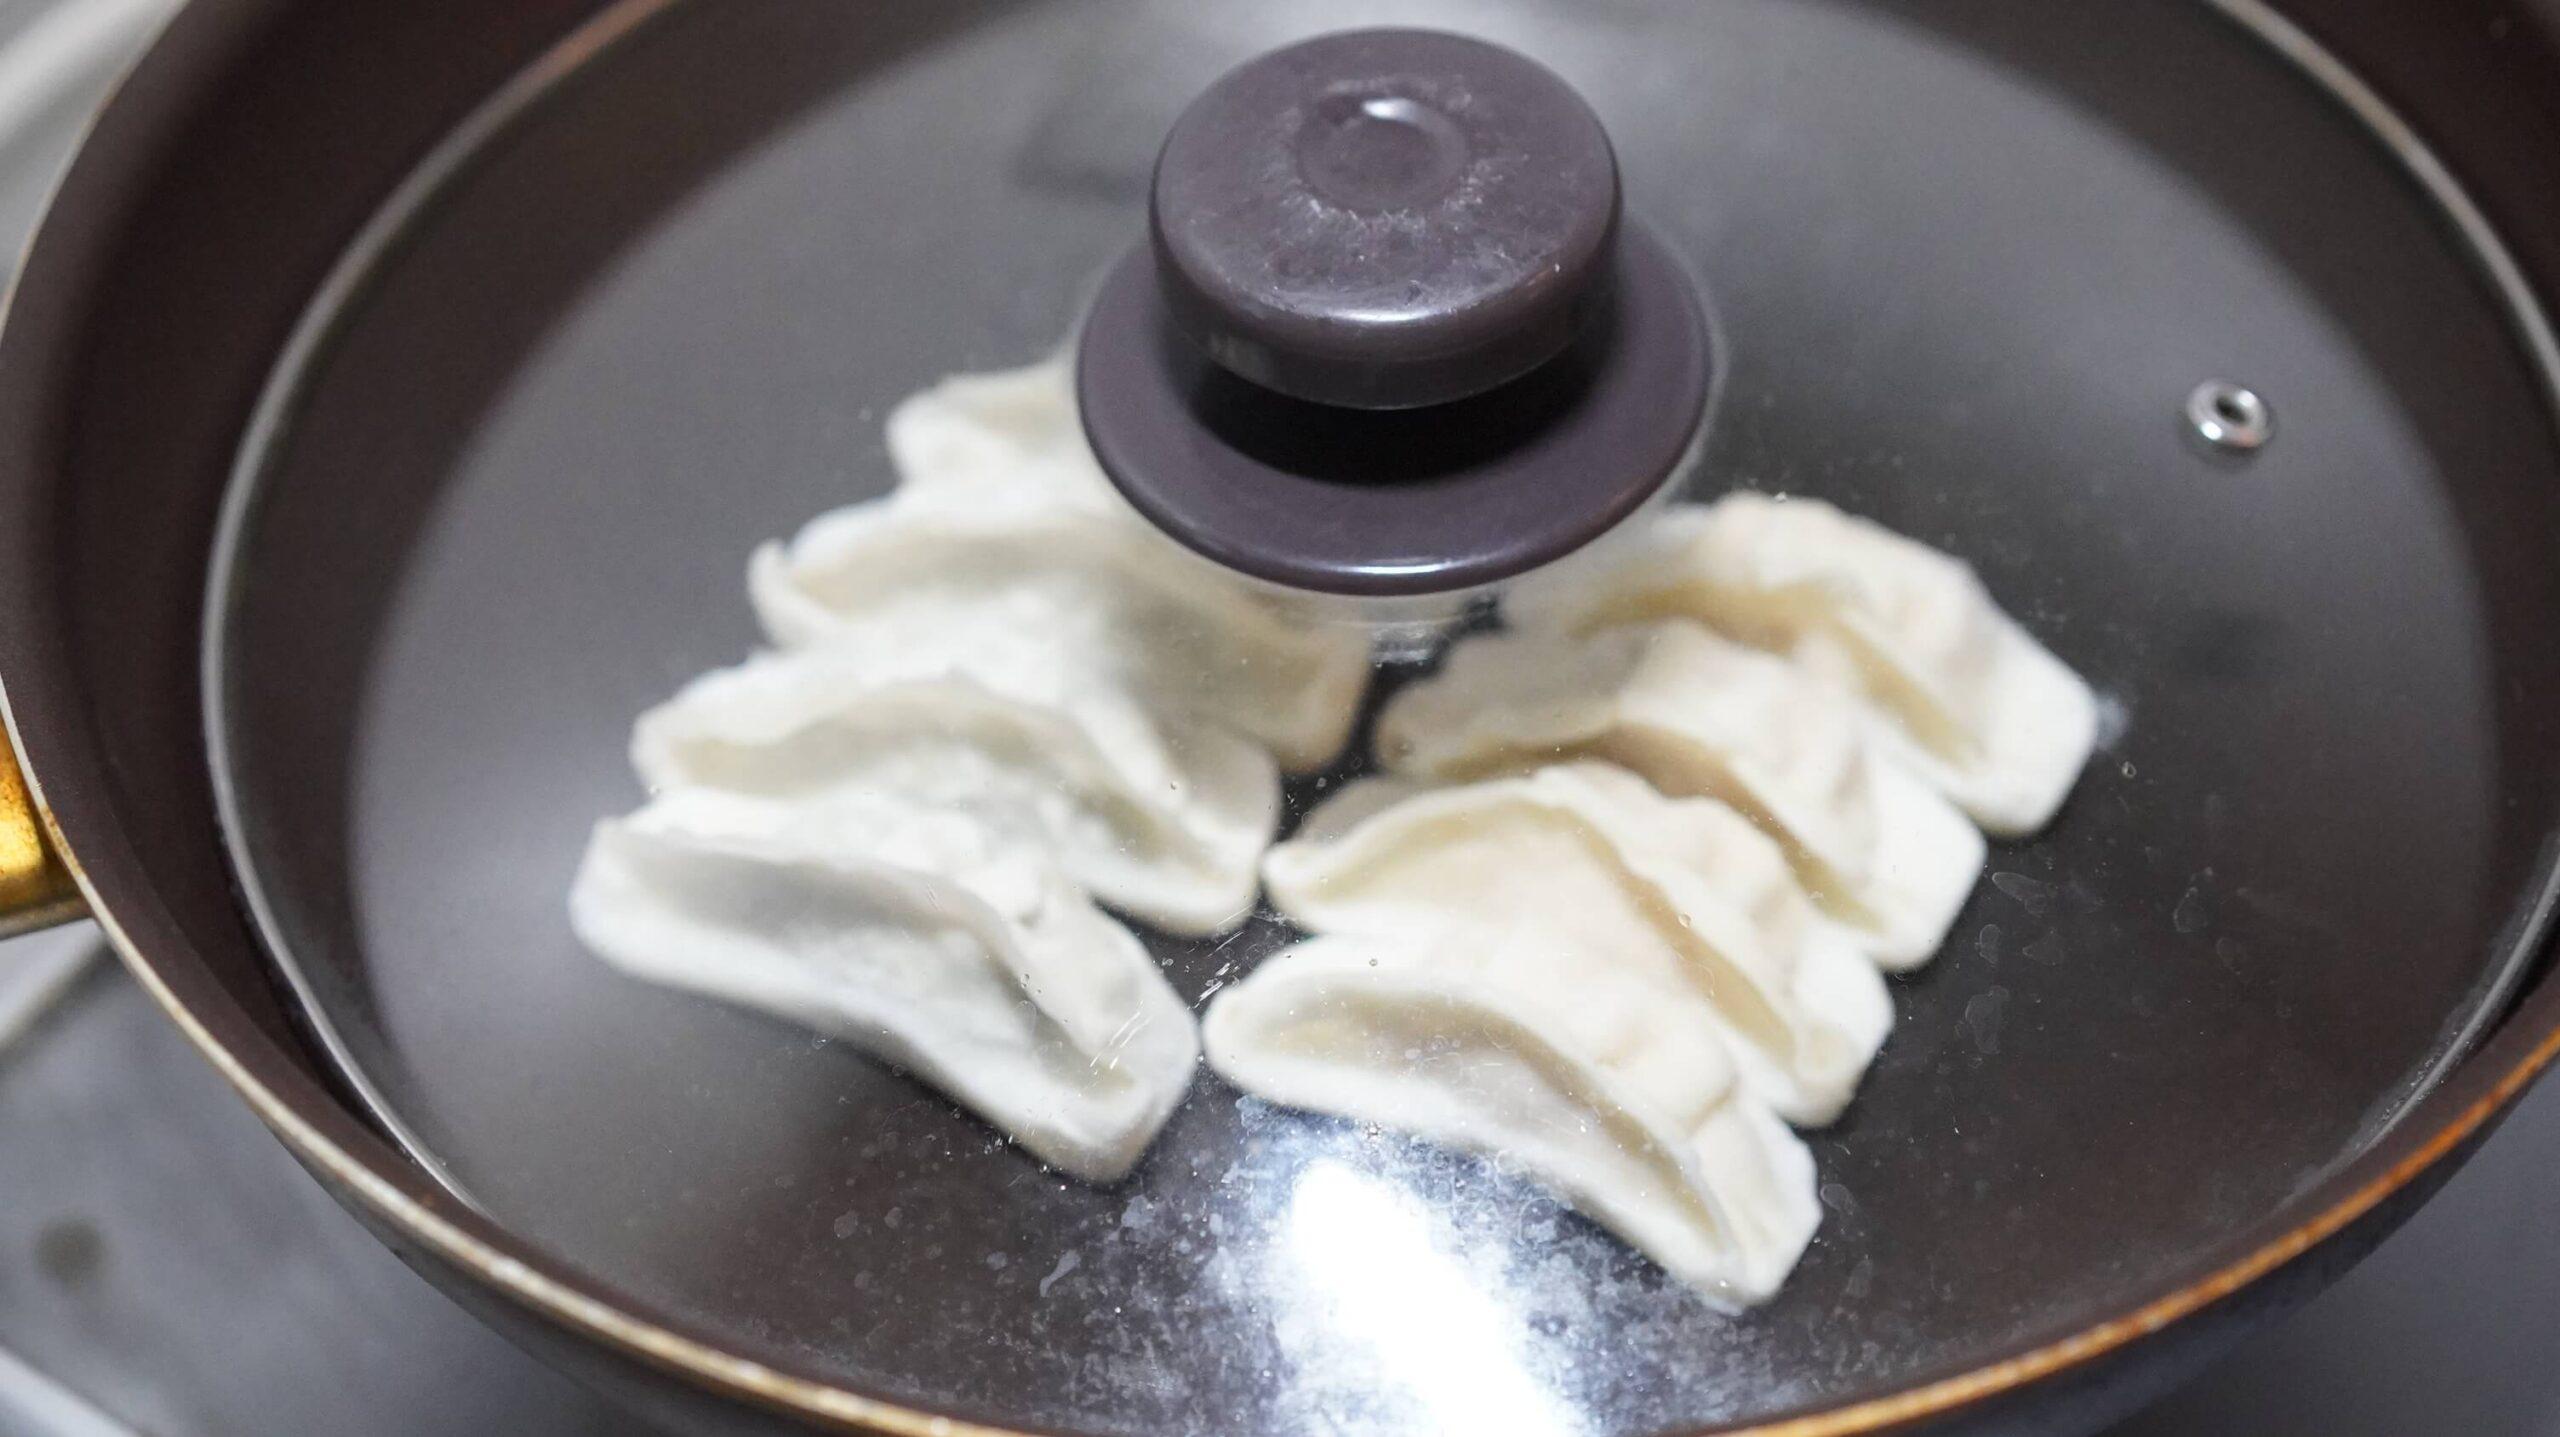 味の素のアスリート専用の冷凍餃子「コンディショニングギョーザ」をフライパンで焼いている写真